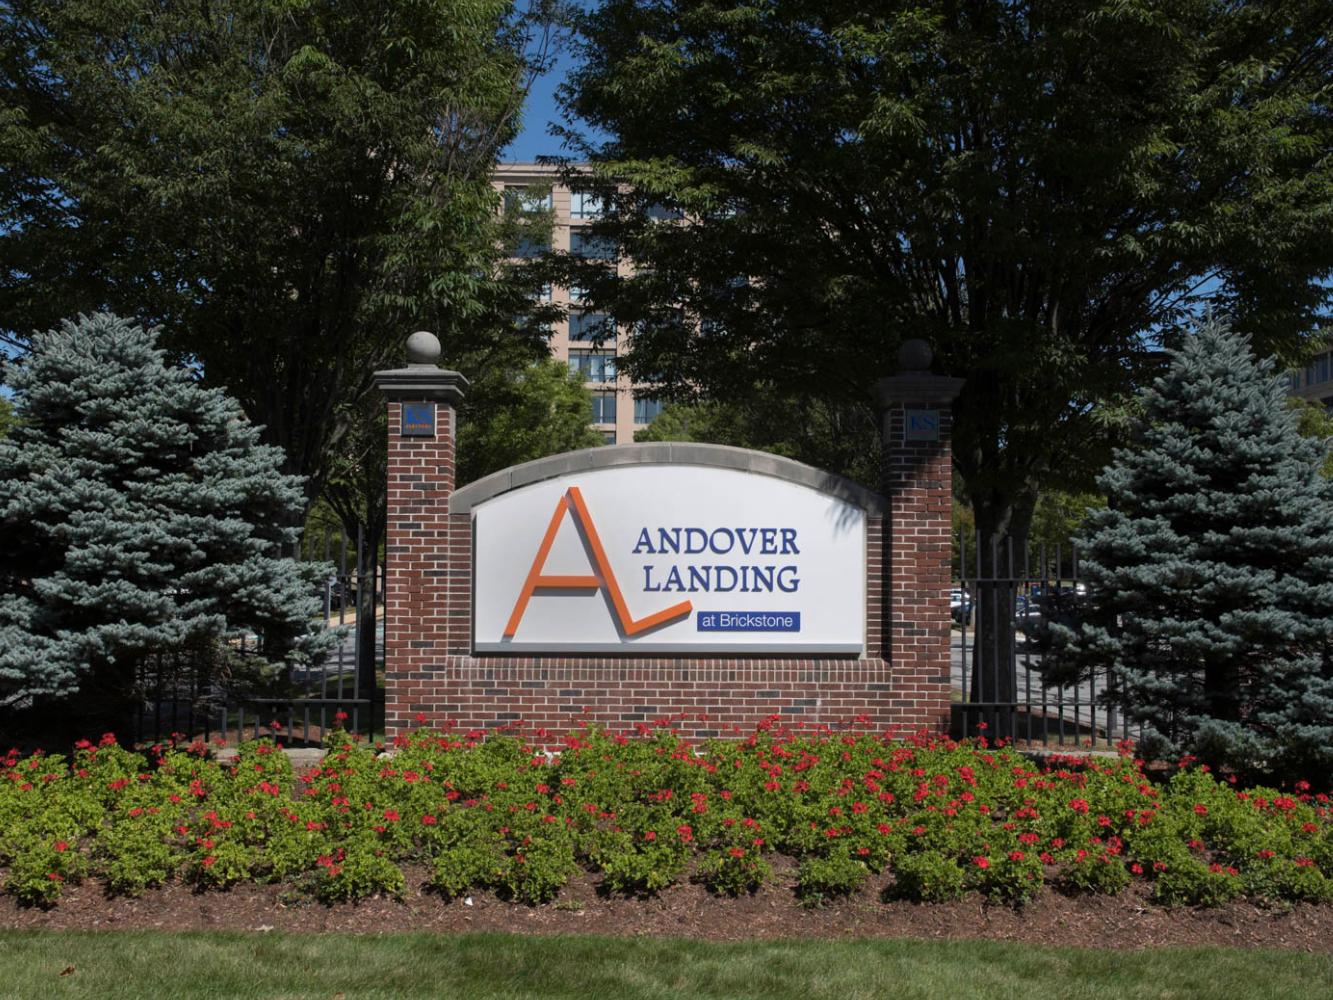 Andover Landing at Brickstone, Andover, Mass.